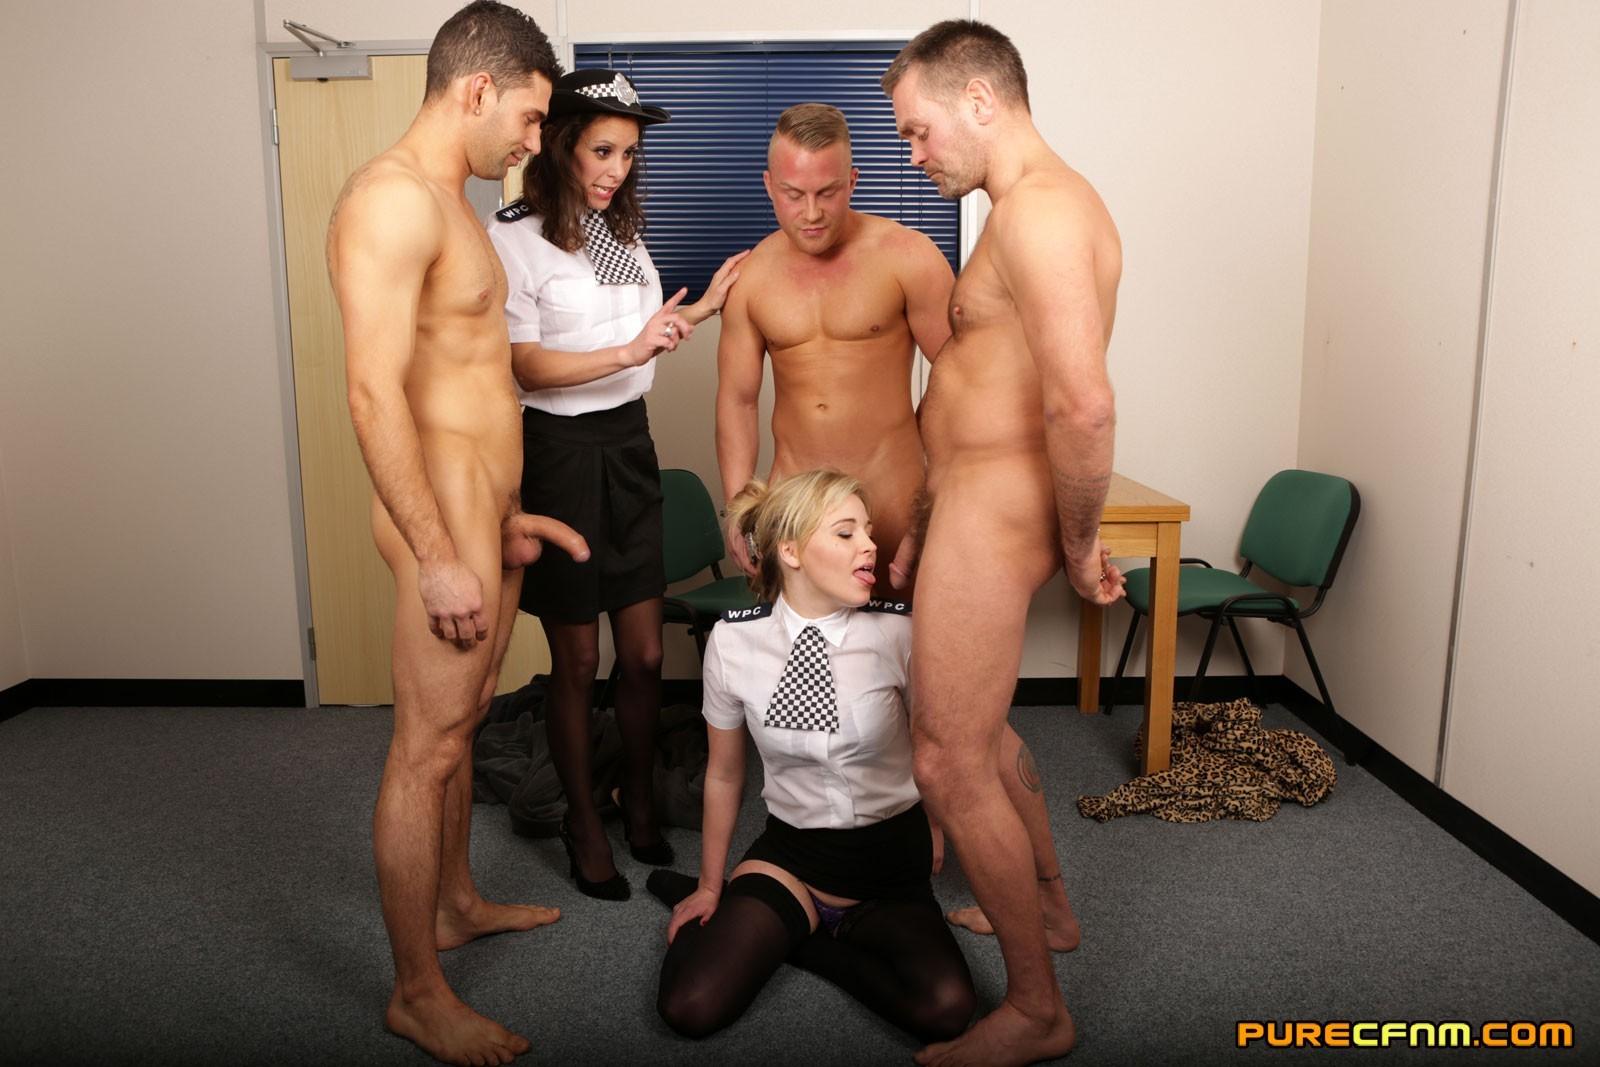 Две подружки в униформе сосут члены троим зрелым паренькам в халатах